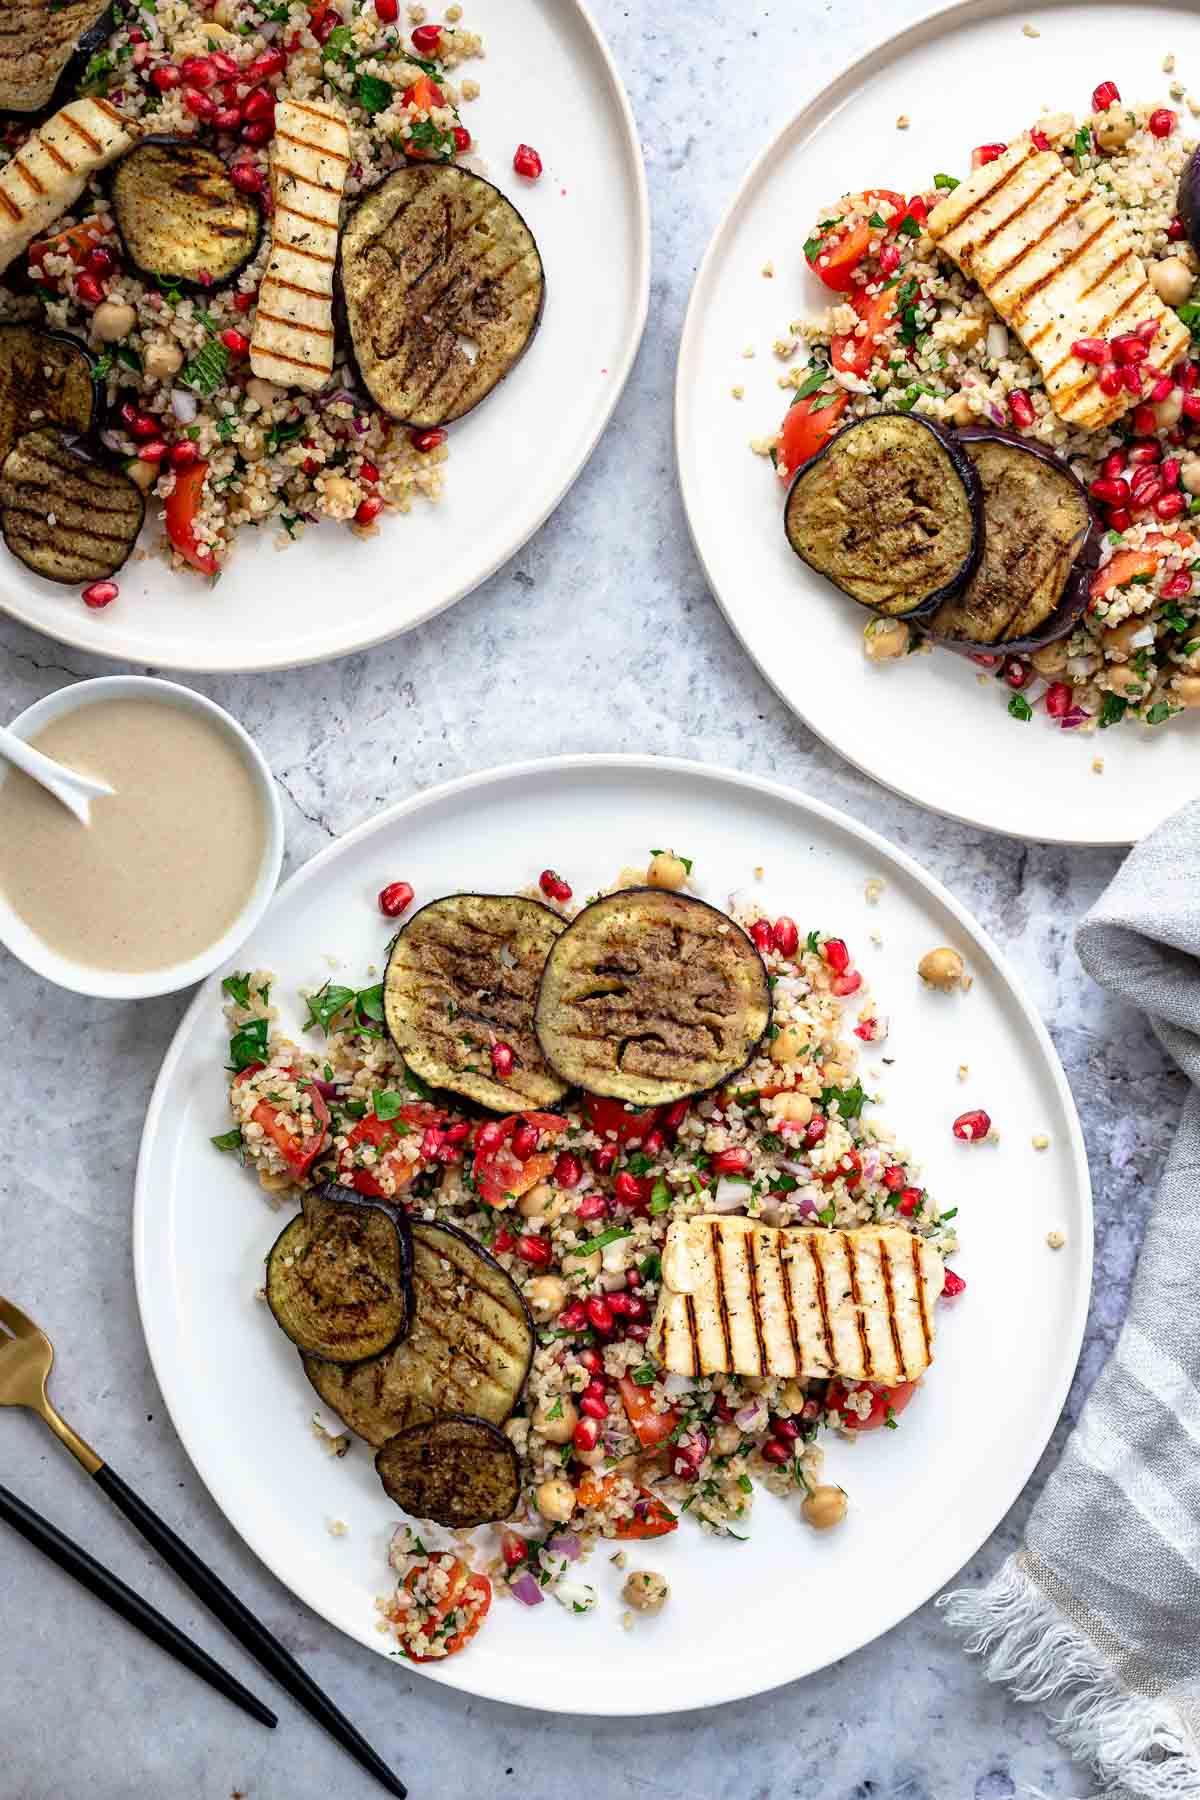 Bulgur-Kichererbsen-Salat mit gegrilltem Halloumi und Aubergine | Rezept